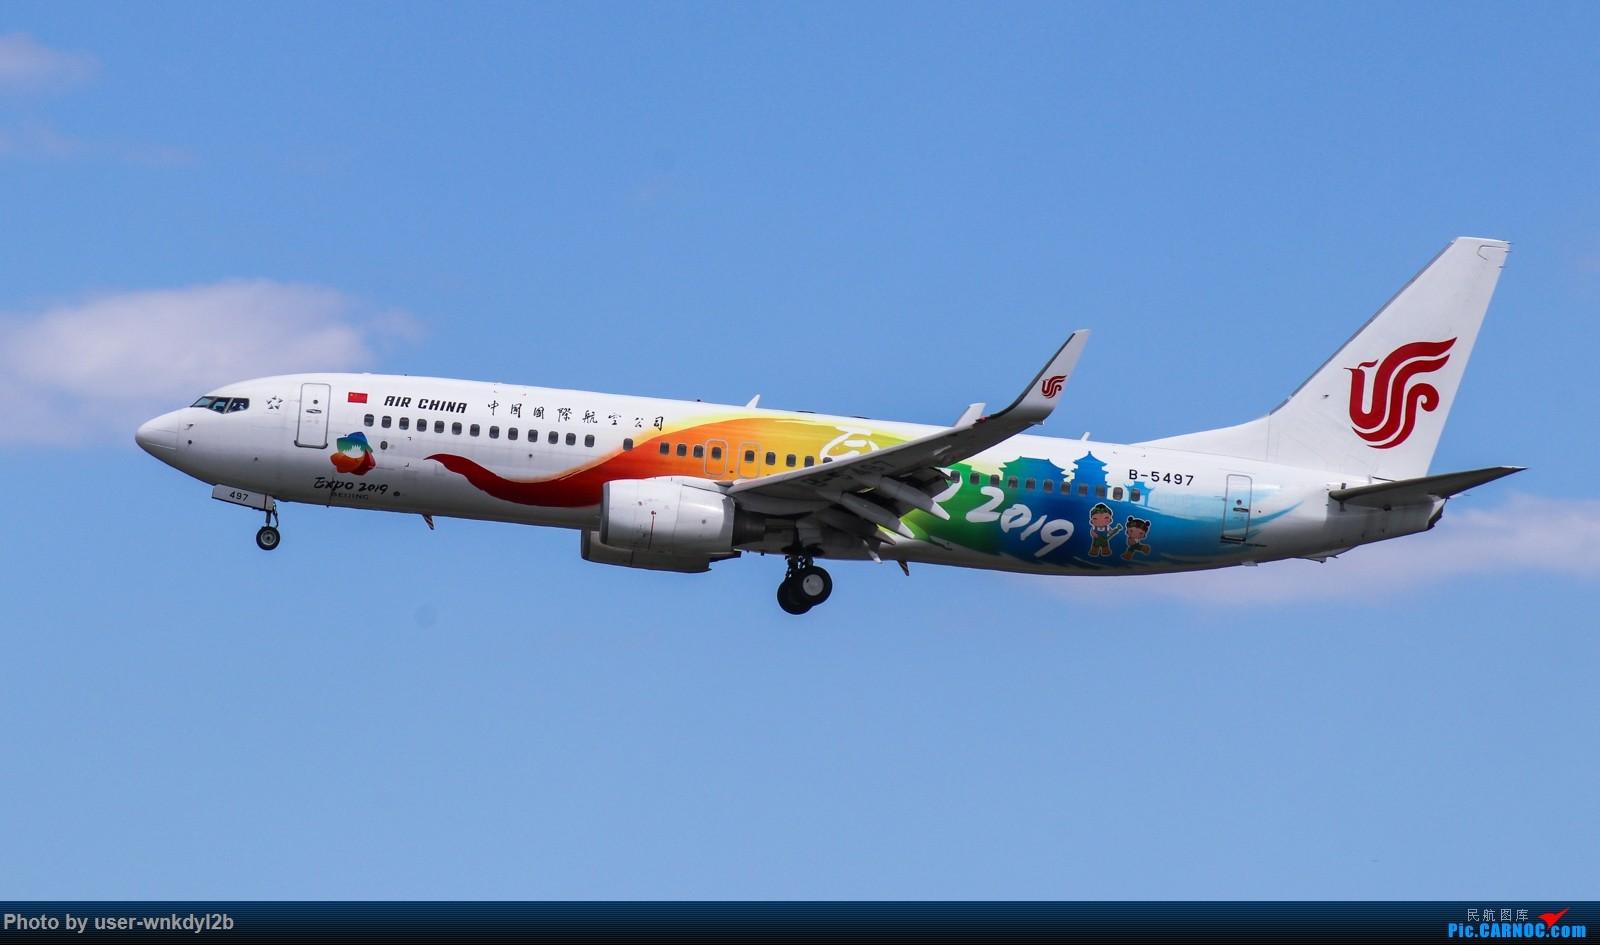 中国国际航空北京世园会彩绘 BOEING 737-800 B-5497 中国北京首都国际机场